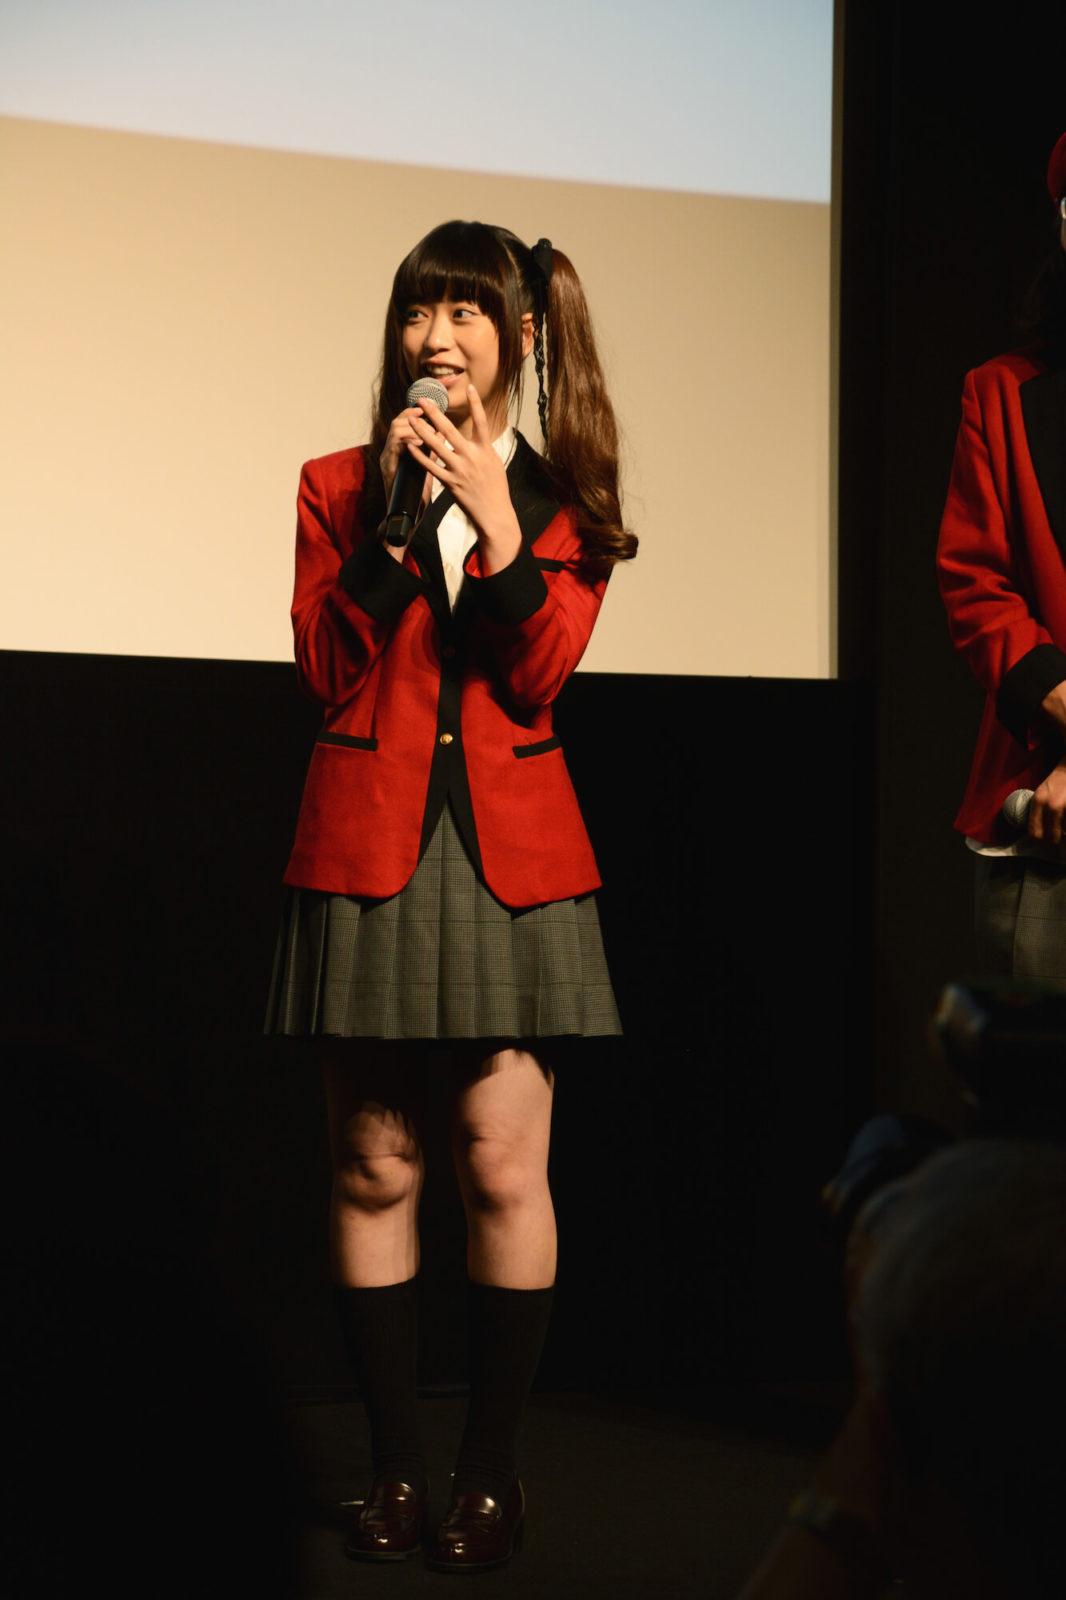 浜辺美波、主演ドラマ「賭ケグルイ」続編発表をフライング!?「我慢できなかったです」画像66044